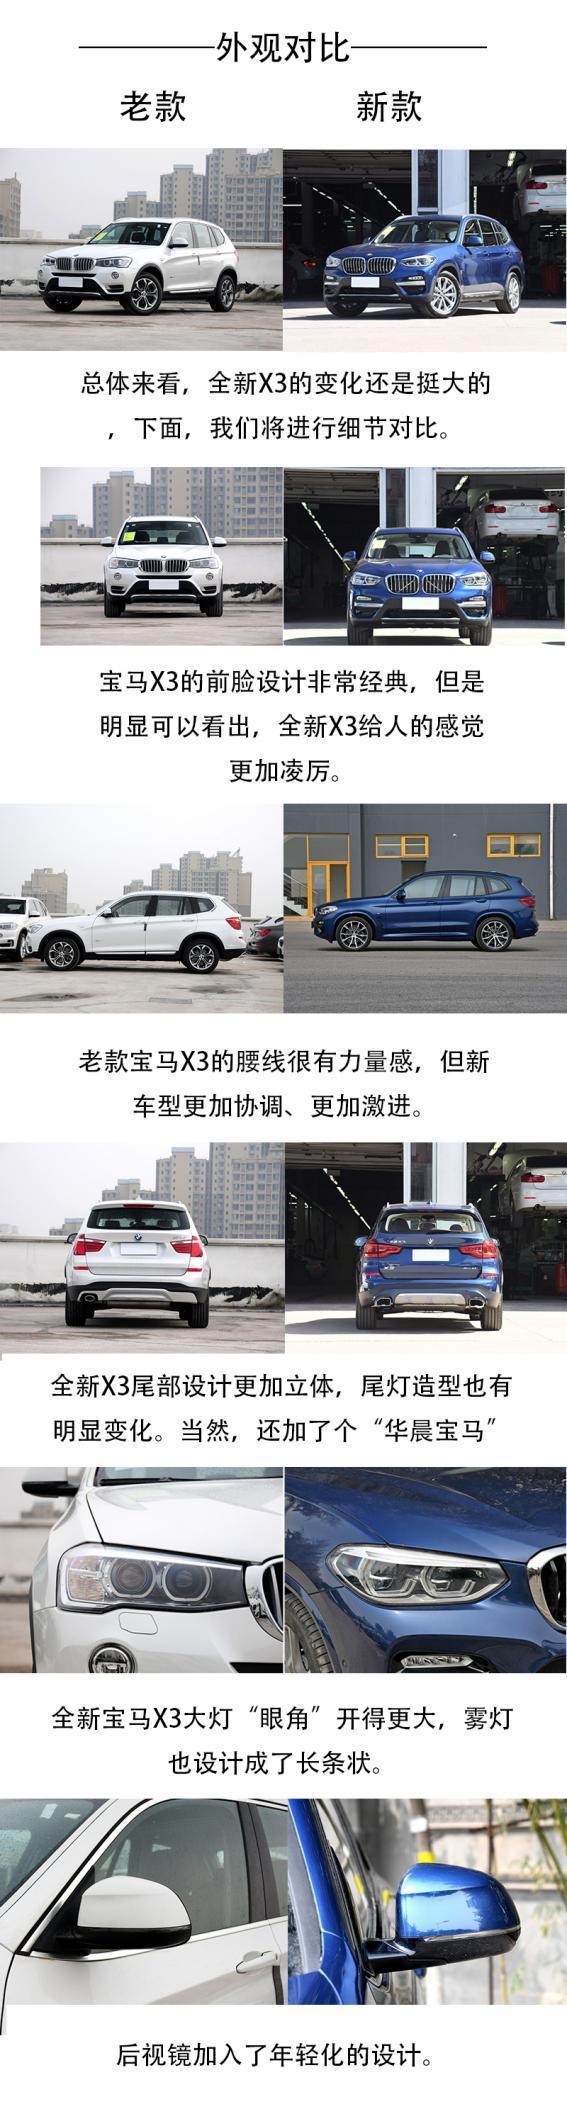 全新一代宝马X3正式上市,新车有哪些变化呢? - 周磊 - 周磊